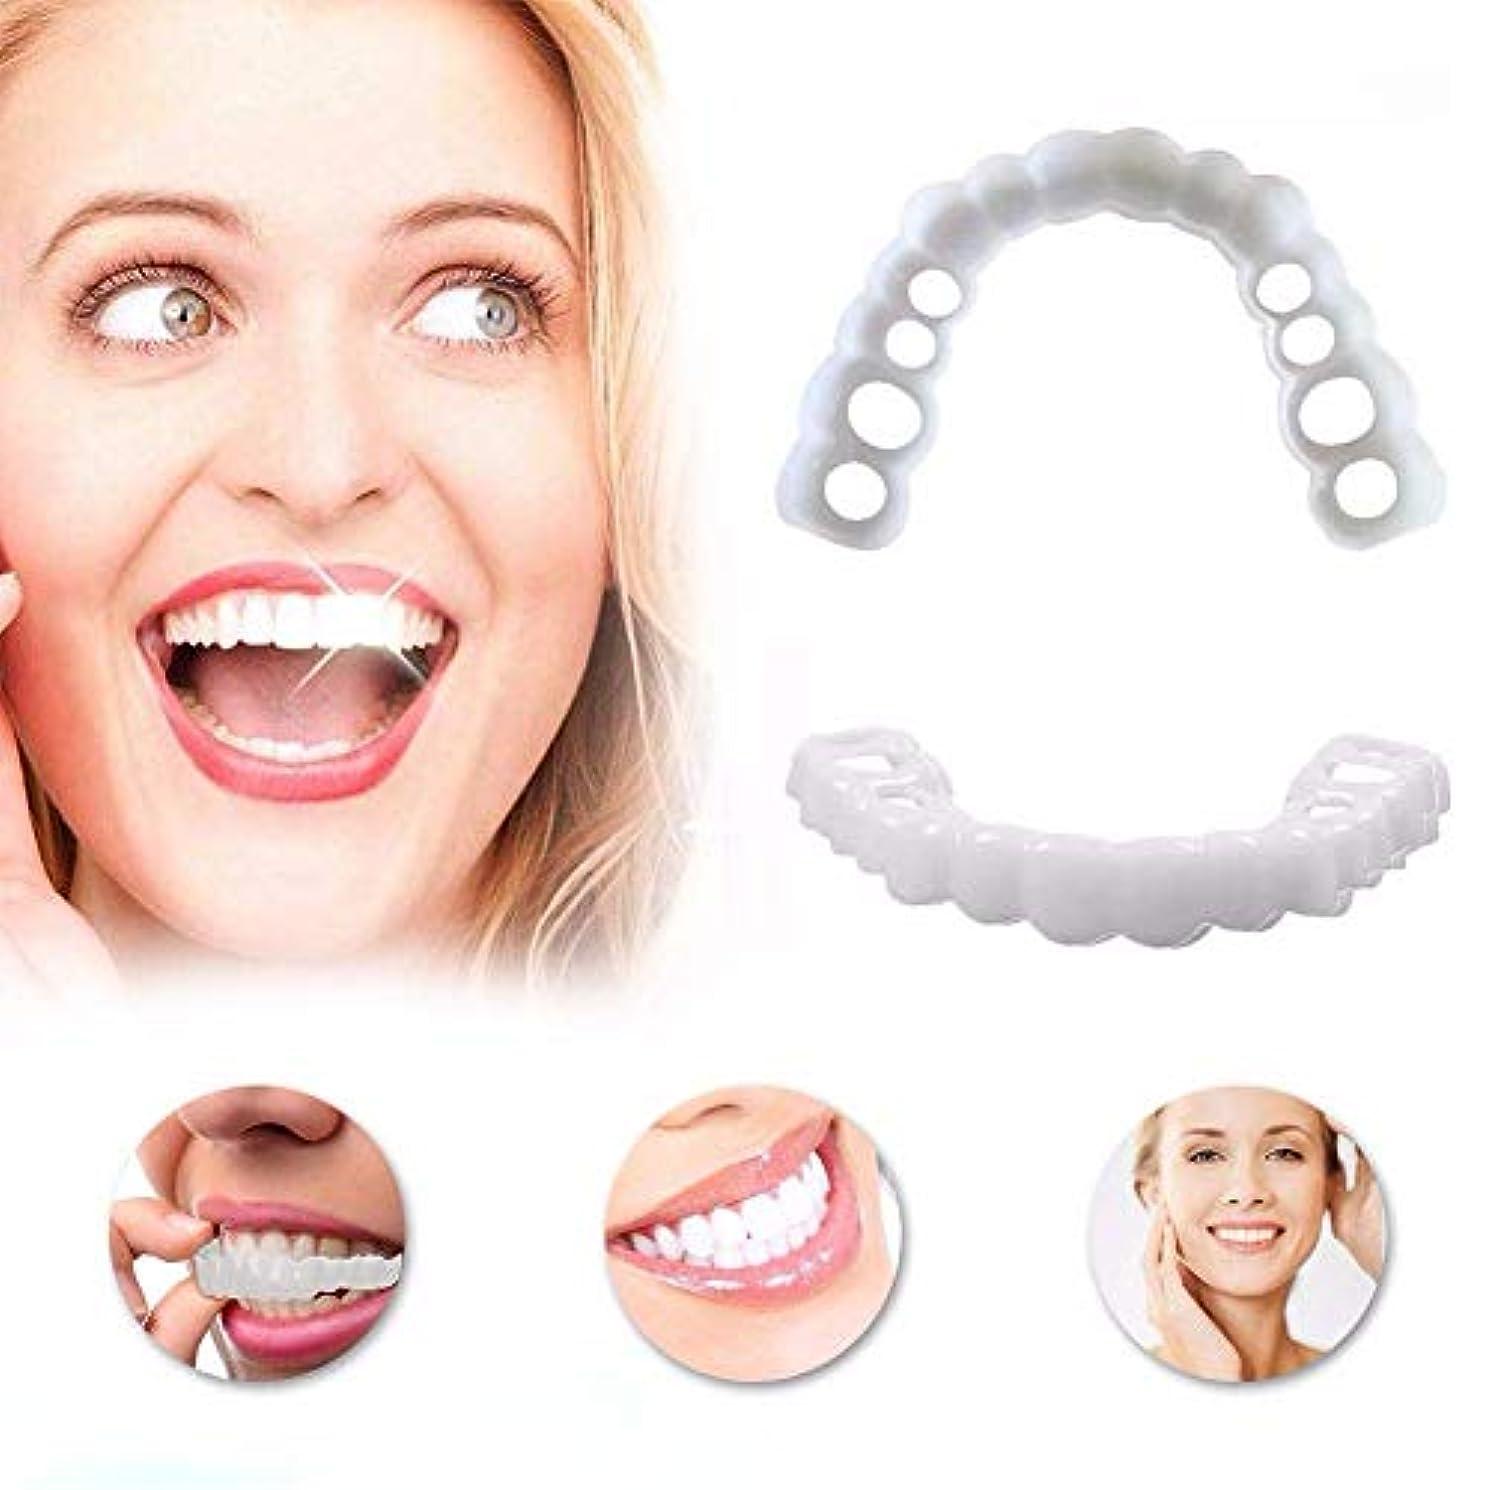 サーマル意欲側インスタントパーフェクトスマイルコンフォートフィットするFlex歯ベニア3Pairアッパー歯+下の歯のホワイトニングスーツの化粧品スナップ